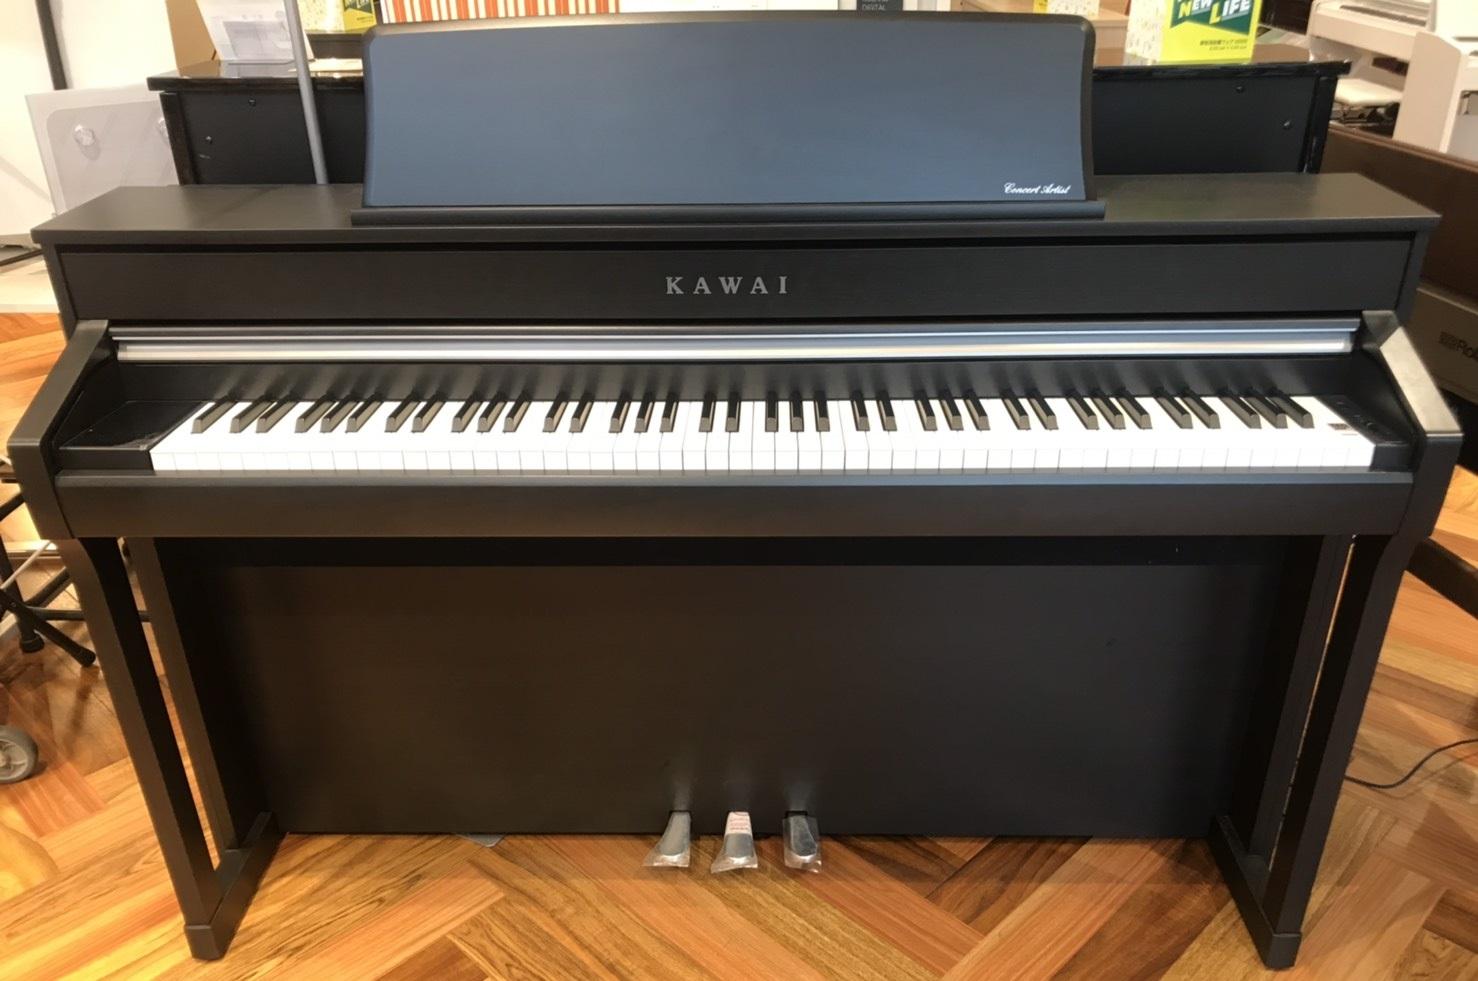 島村楽器 川口 駅前 お買い得 電子ピアノ CA9800GP